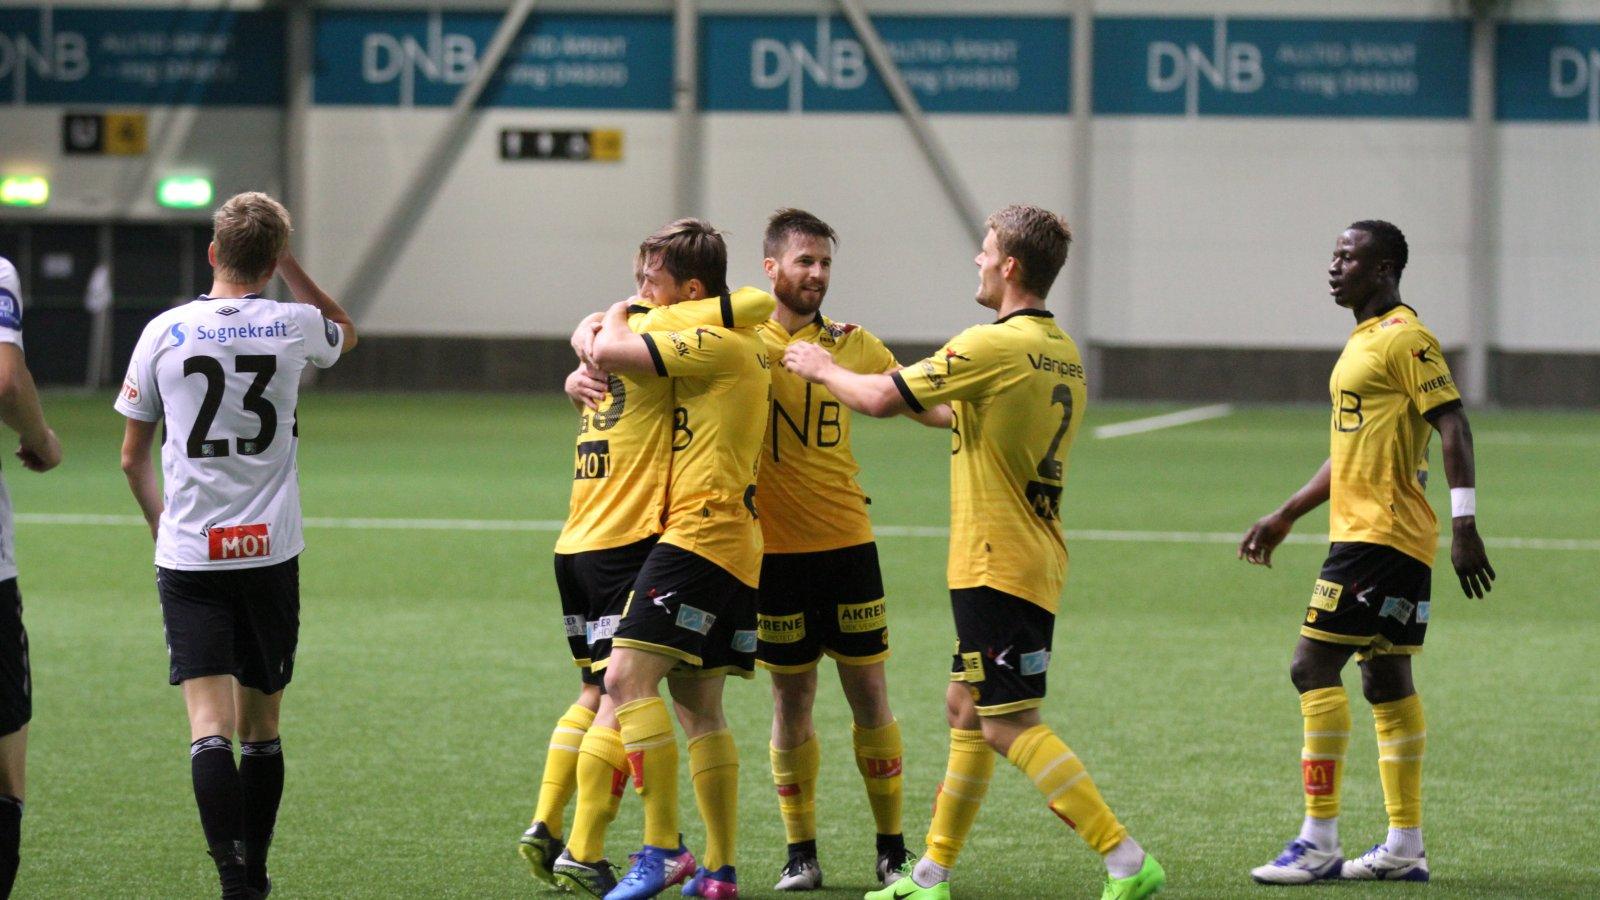 Jubel etter scoring mot Sogndal